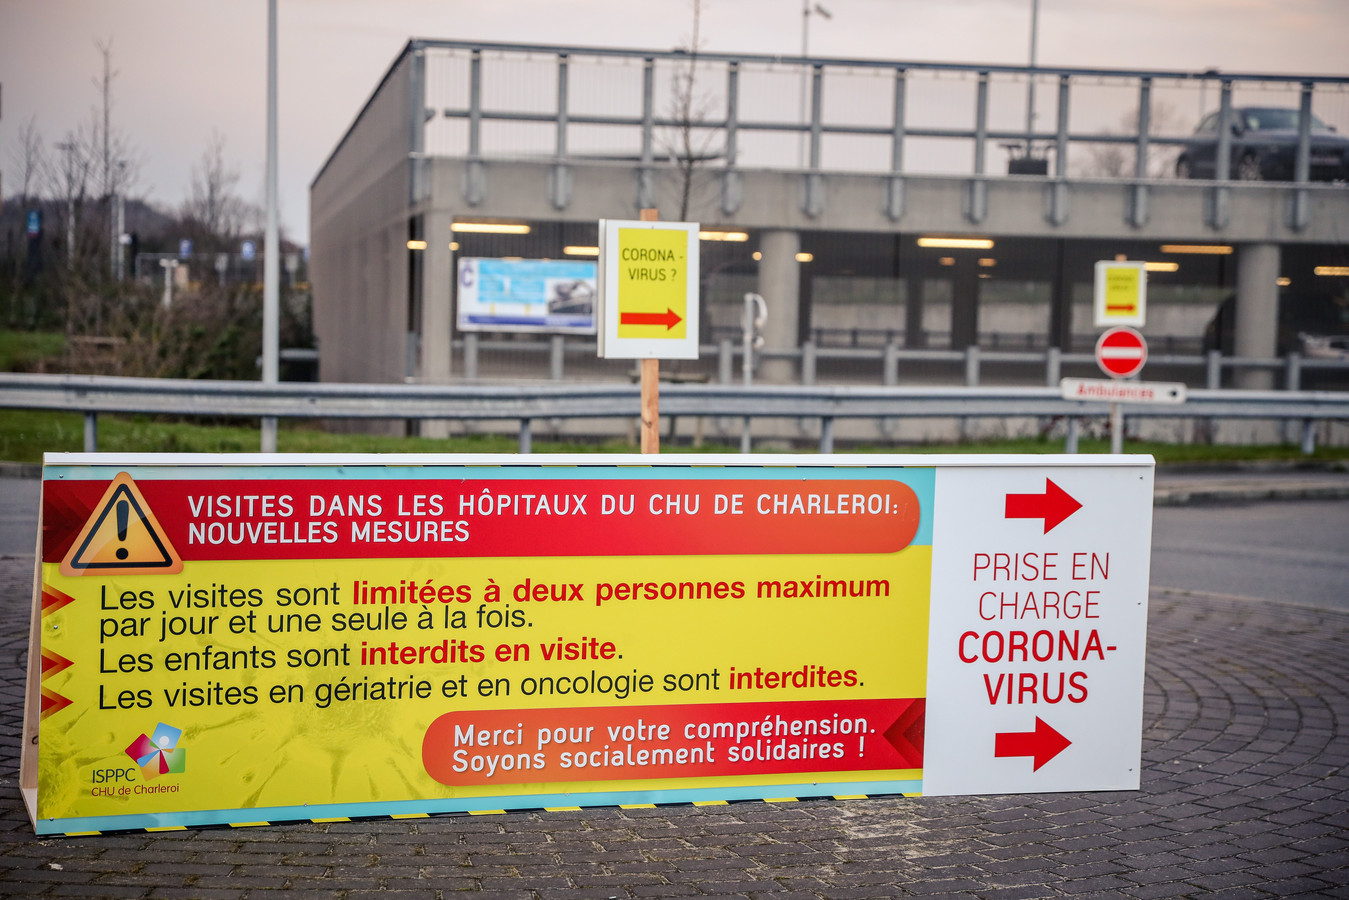 L'hôpital Civil Marie Curie de Charleroi invite les patients atteint du Coronavirus à entrer par les urgences.